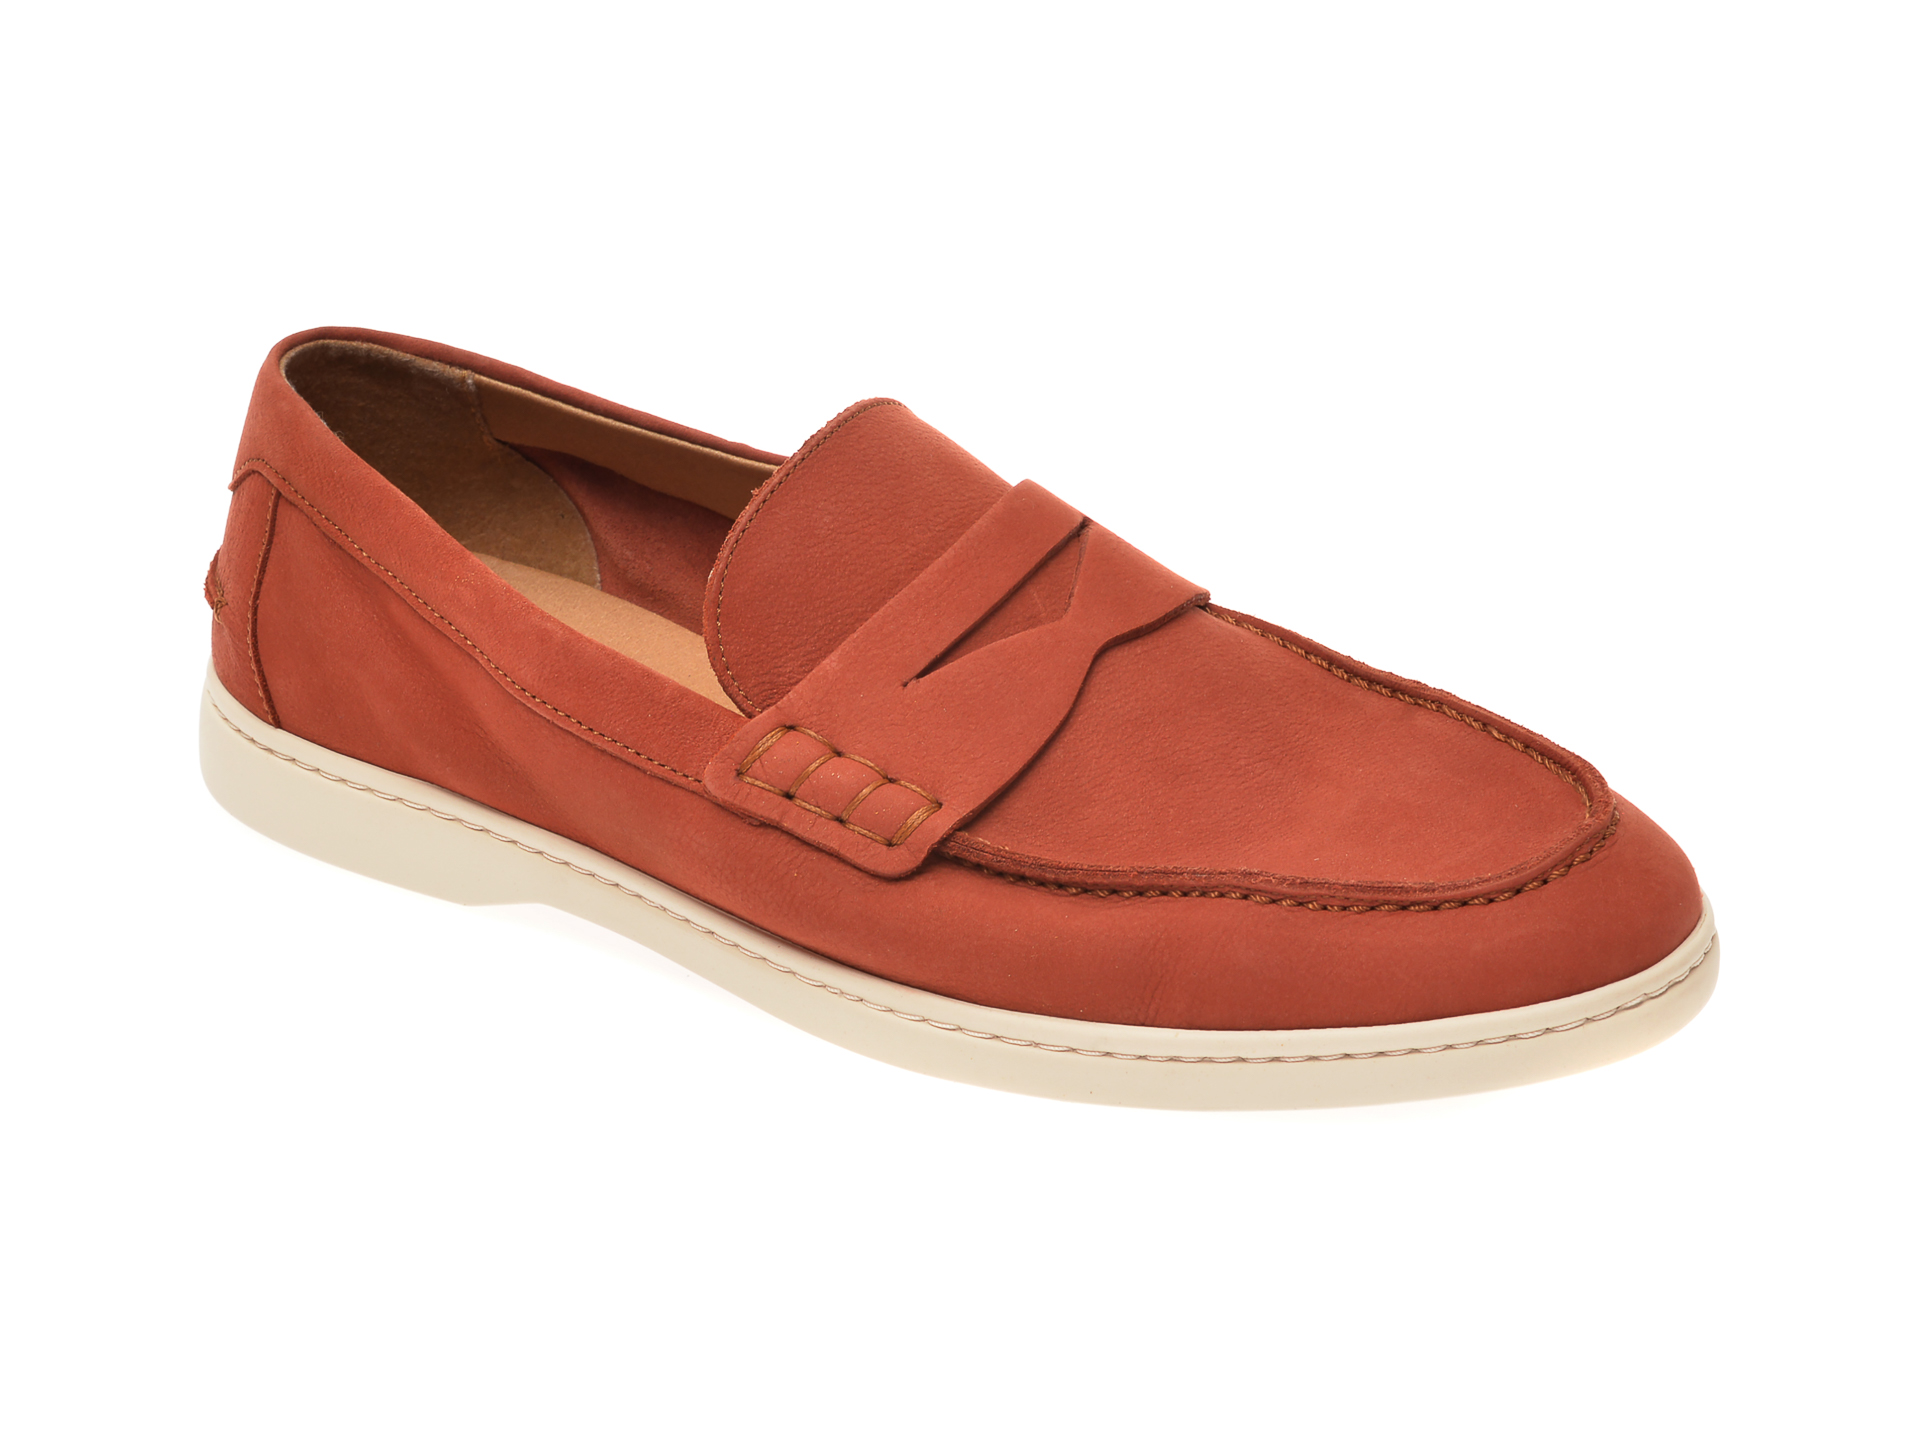 Pantofi ALDO portocalii, Kumelisu801, din nabuc imagine